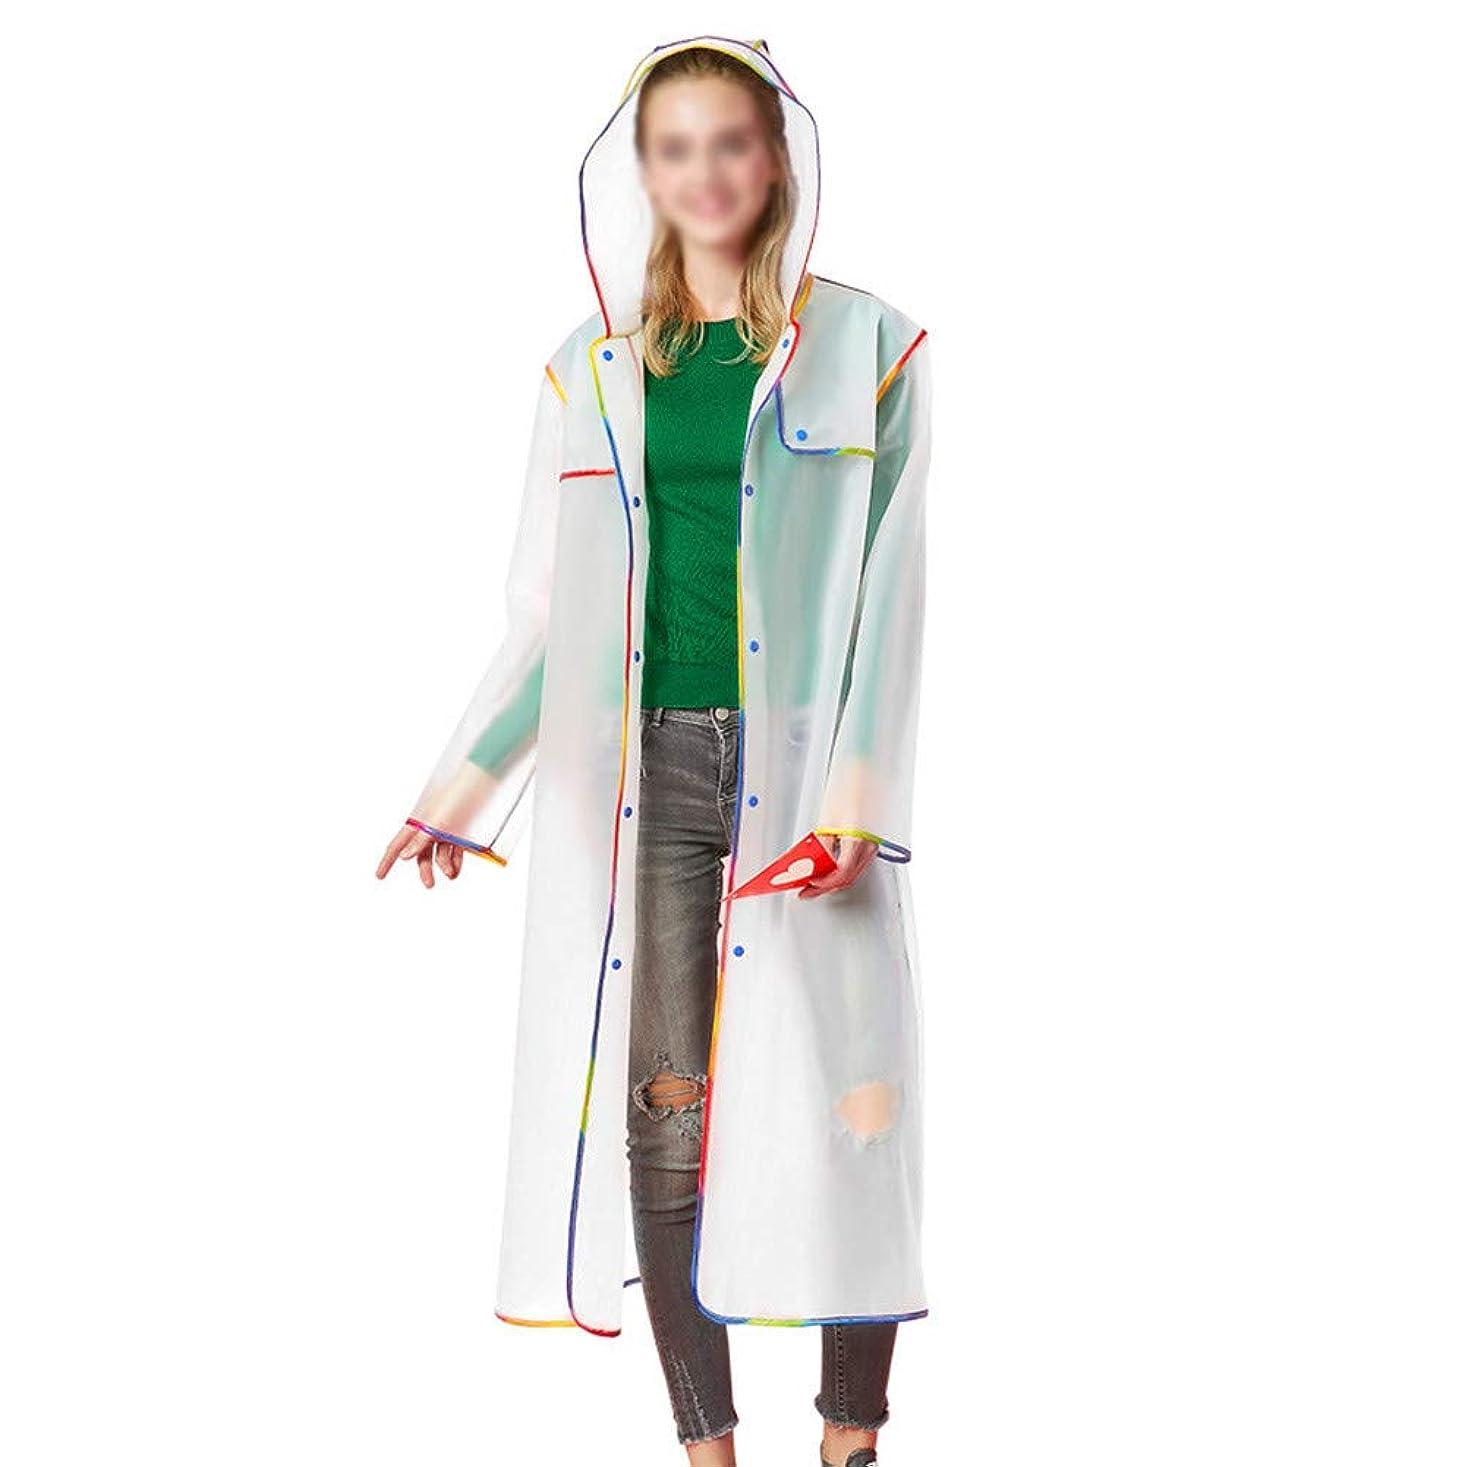 広範囲に起こりやすい予定レインコート 男性女性ポンチョ長い透明ケープ屋外フード付き防水大人旅行ファッション緊急レインコート自転車EVA再利用可能